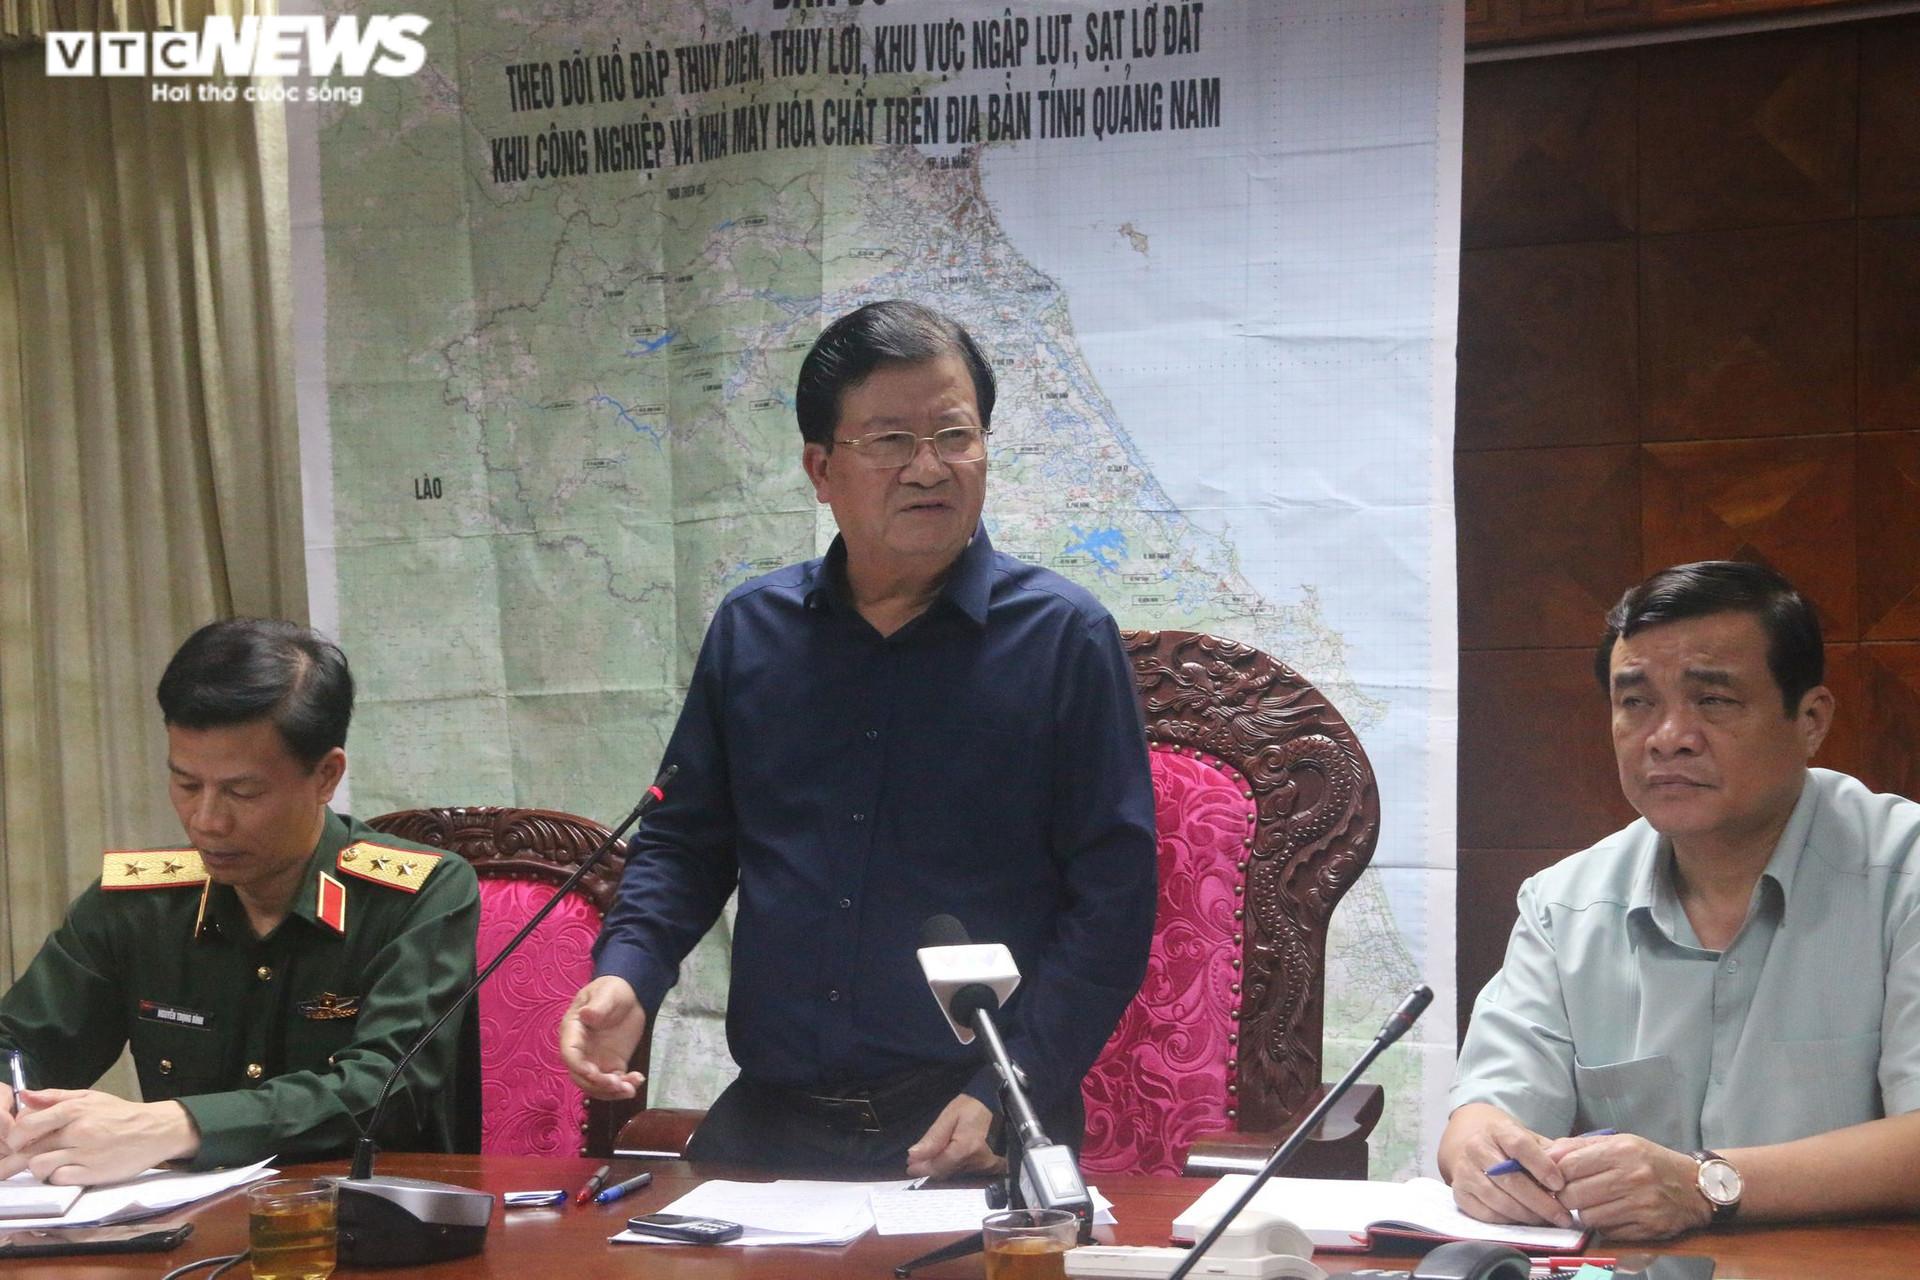 Sạt lở núi vùi lấp 53 người ở Quảng Nam: Chia 2 cánh quân để tìm kiếm cứu nạn - 1